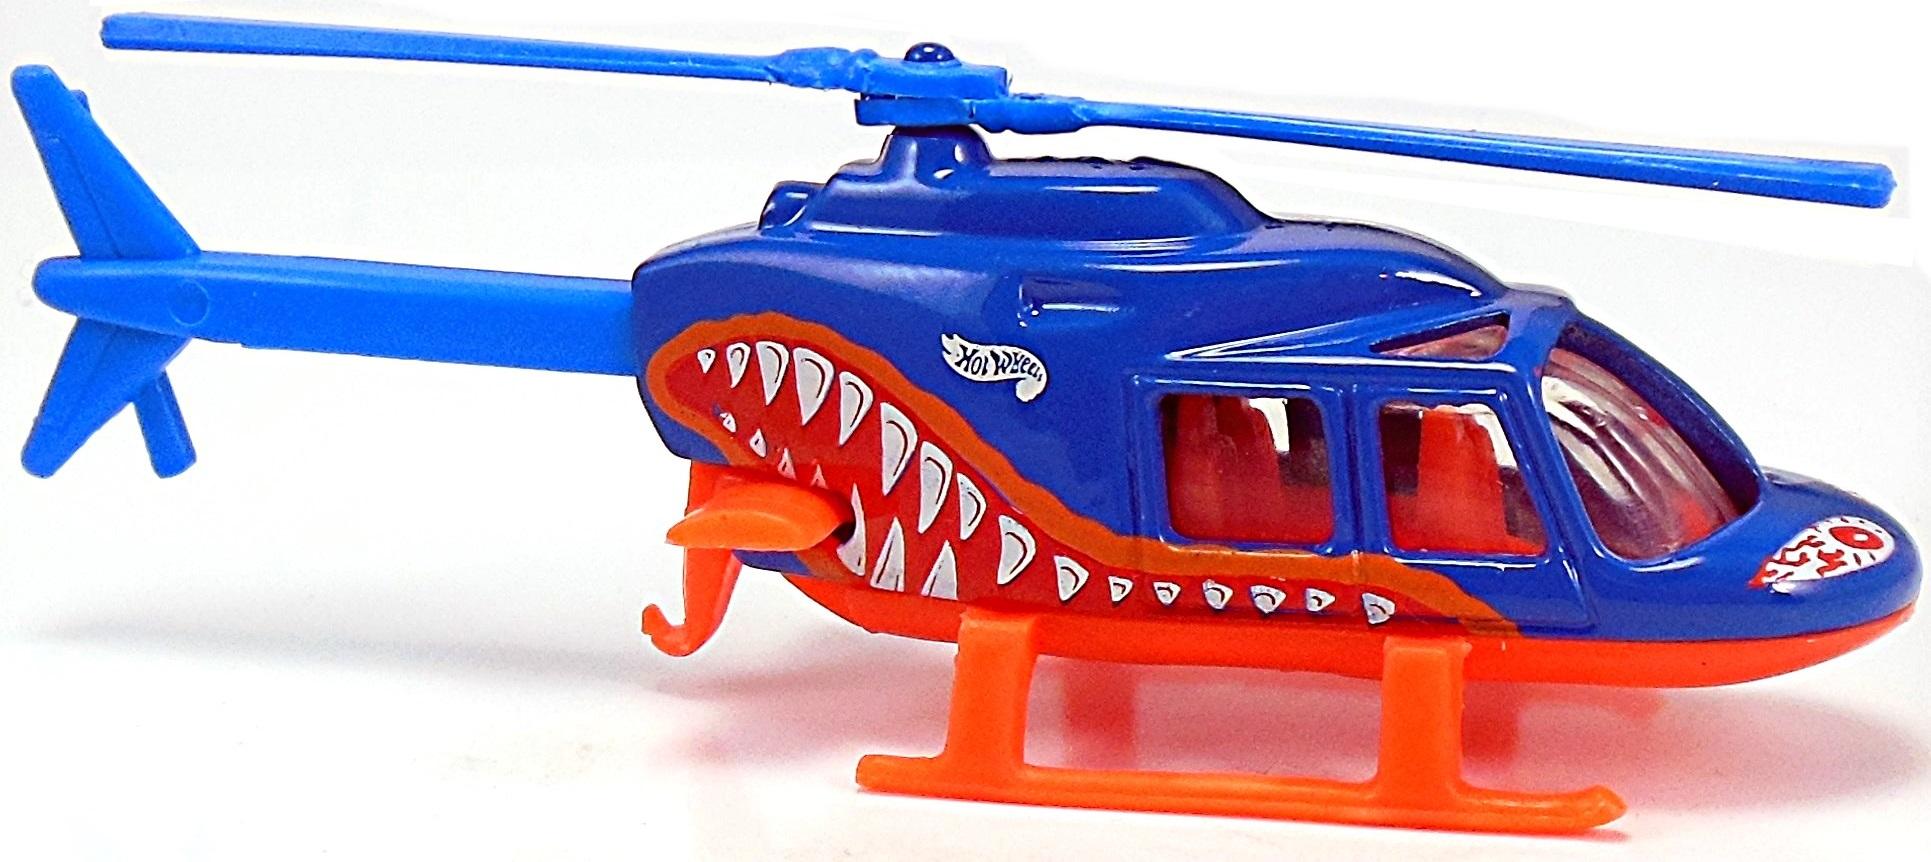 Mattel Hot Wheels Street Eaters Propper Chopper 414 3 of 4